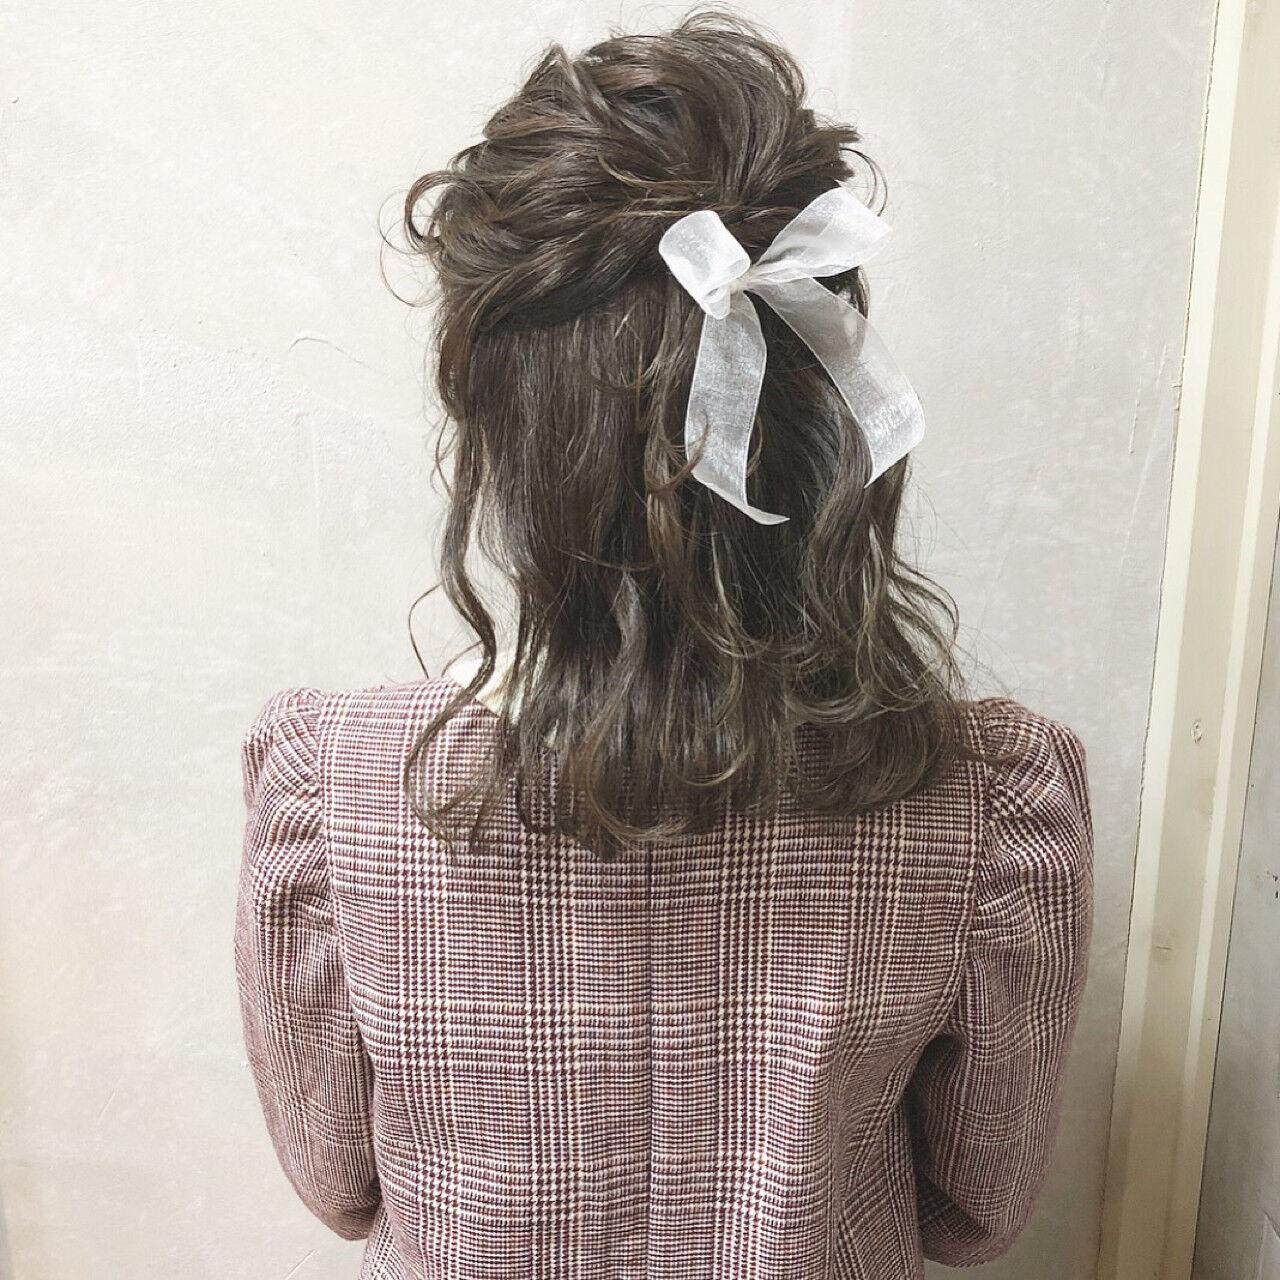 ガーリー ヘアアレンジ ミディアム ハーフアップヘアスタイルや髪型の写真・画像